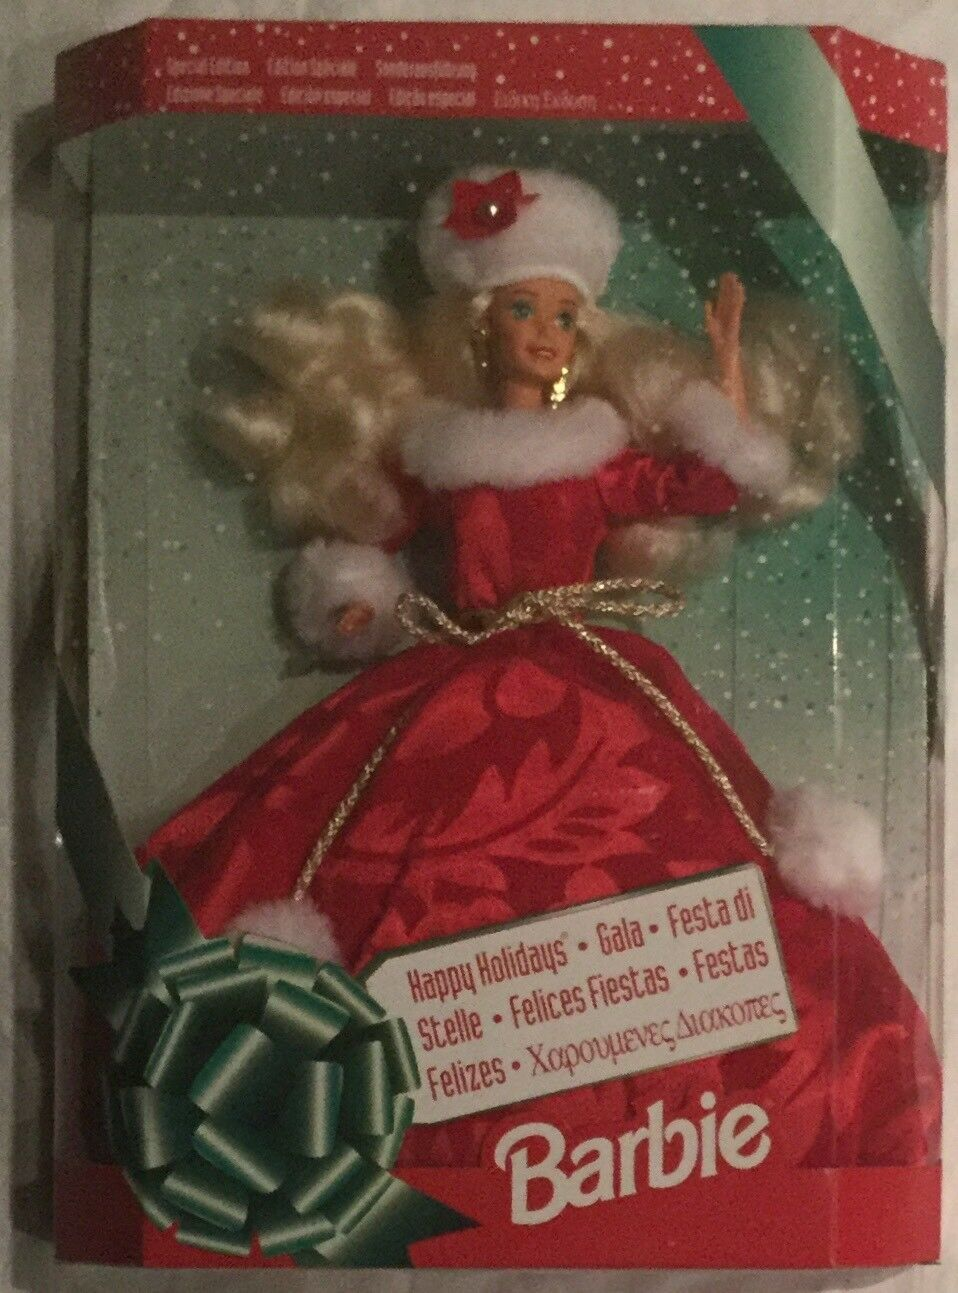 Barbie Felices Fiestas gala internacional Vacaciones Barbie Edición Especial